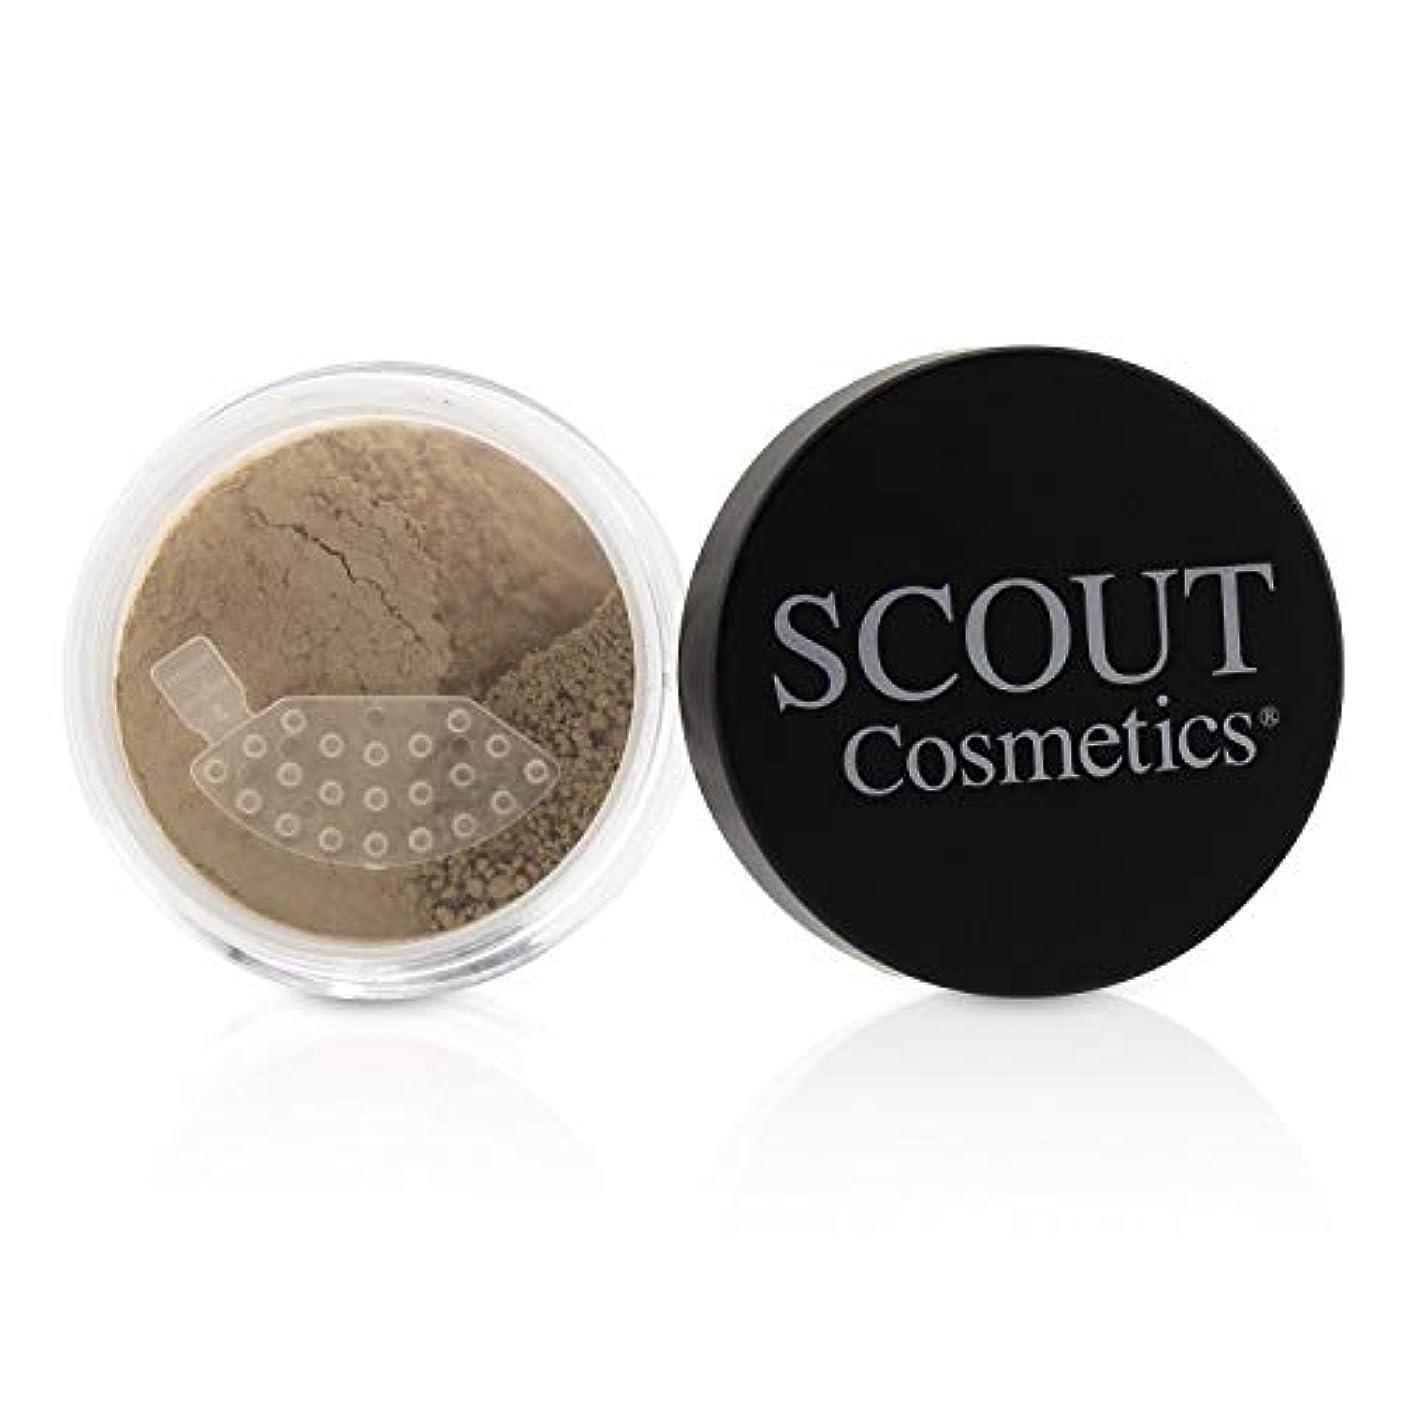 防水詳細な受益者SCOUT Cosmetics Mineral Powder Foundation SPF 20 - # Camel 8g/0.28oz並行輸入品